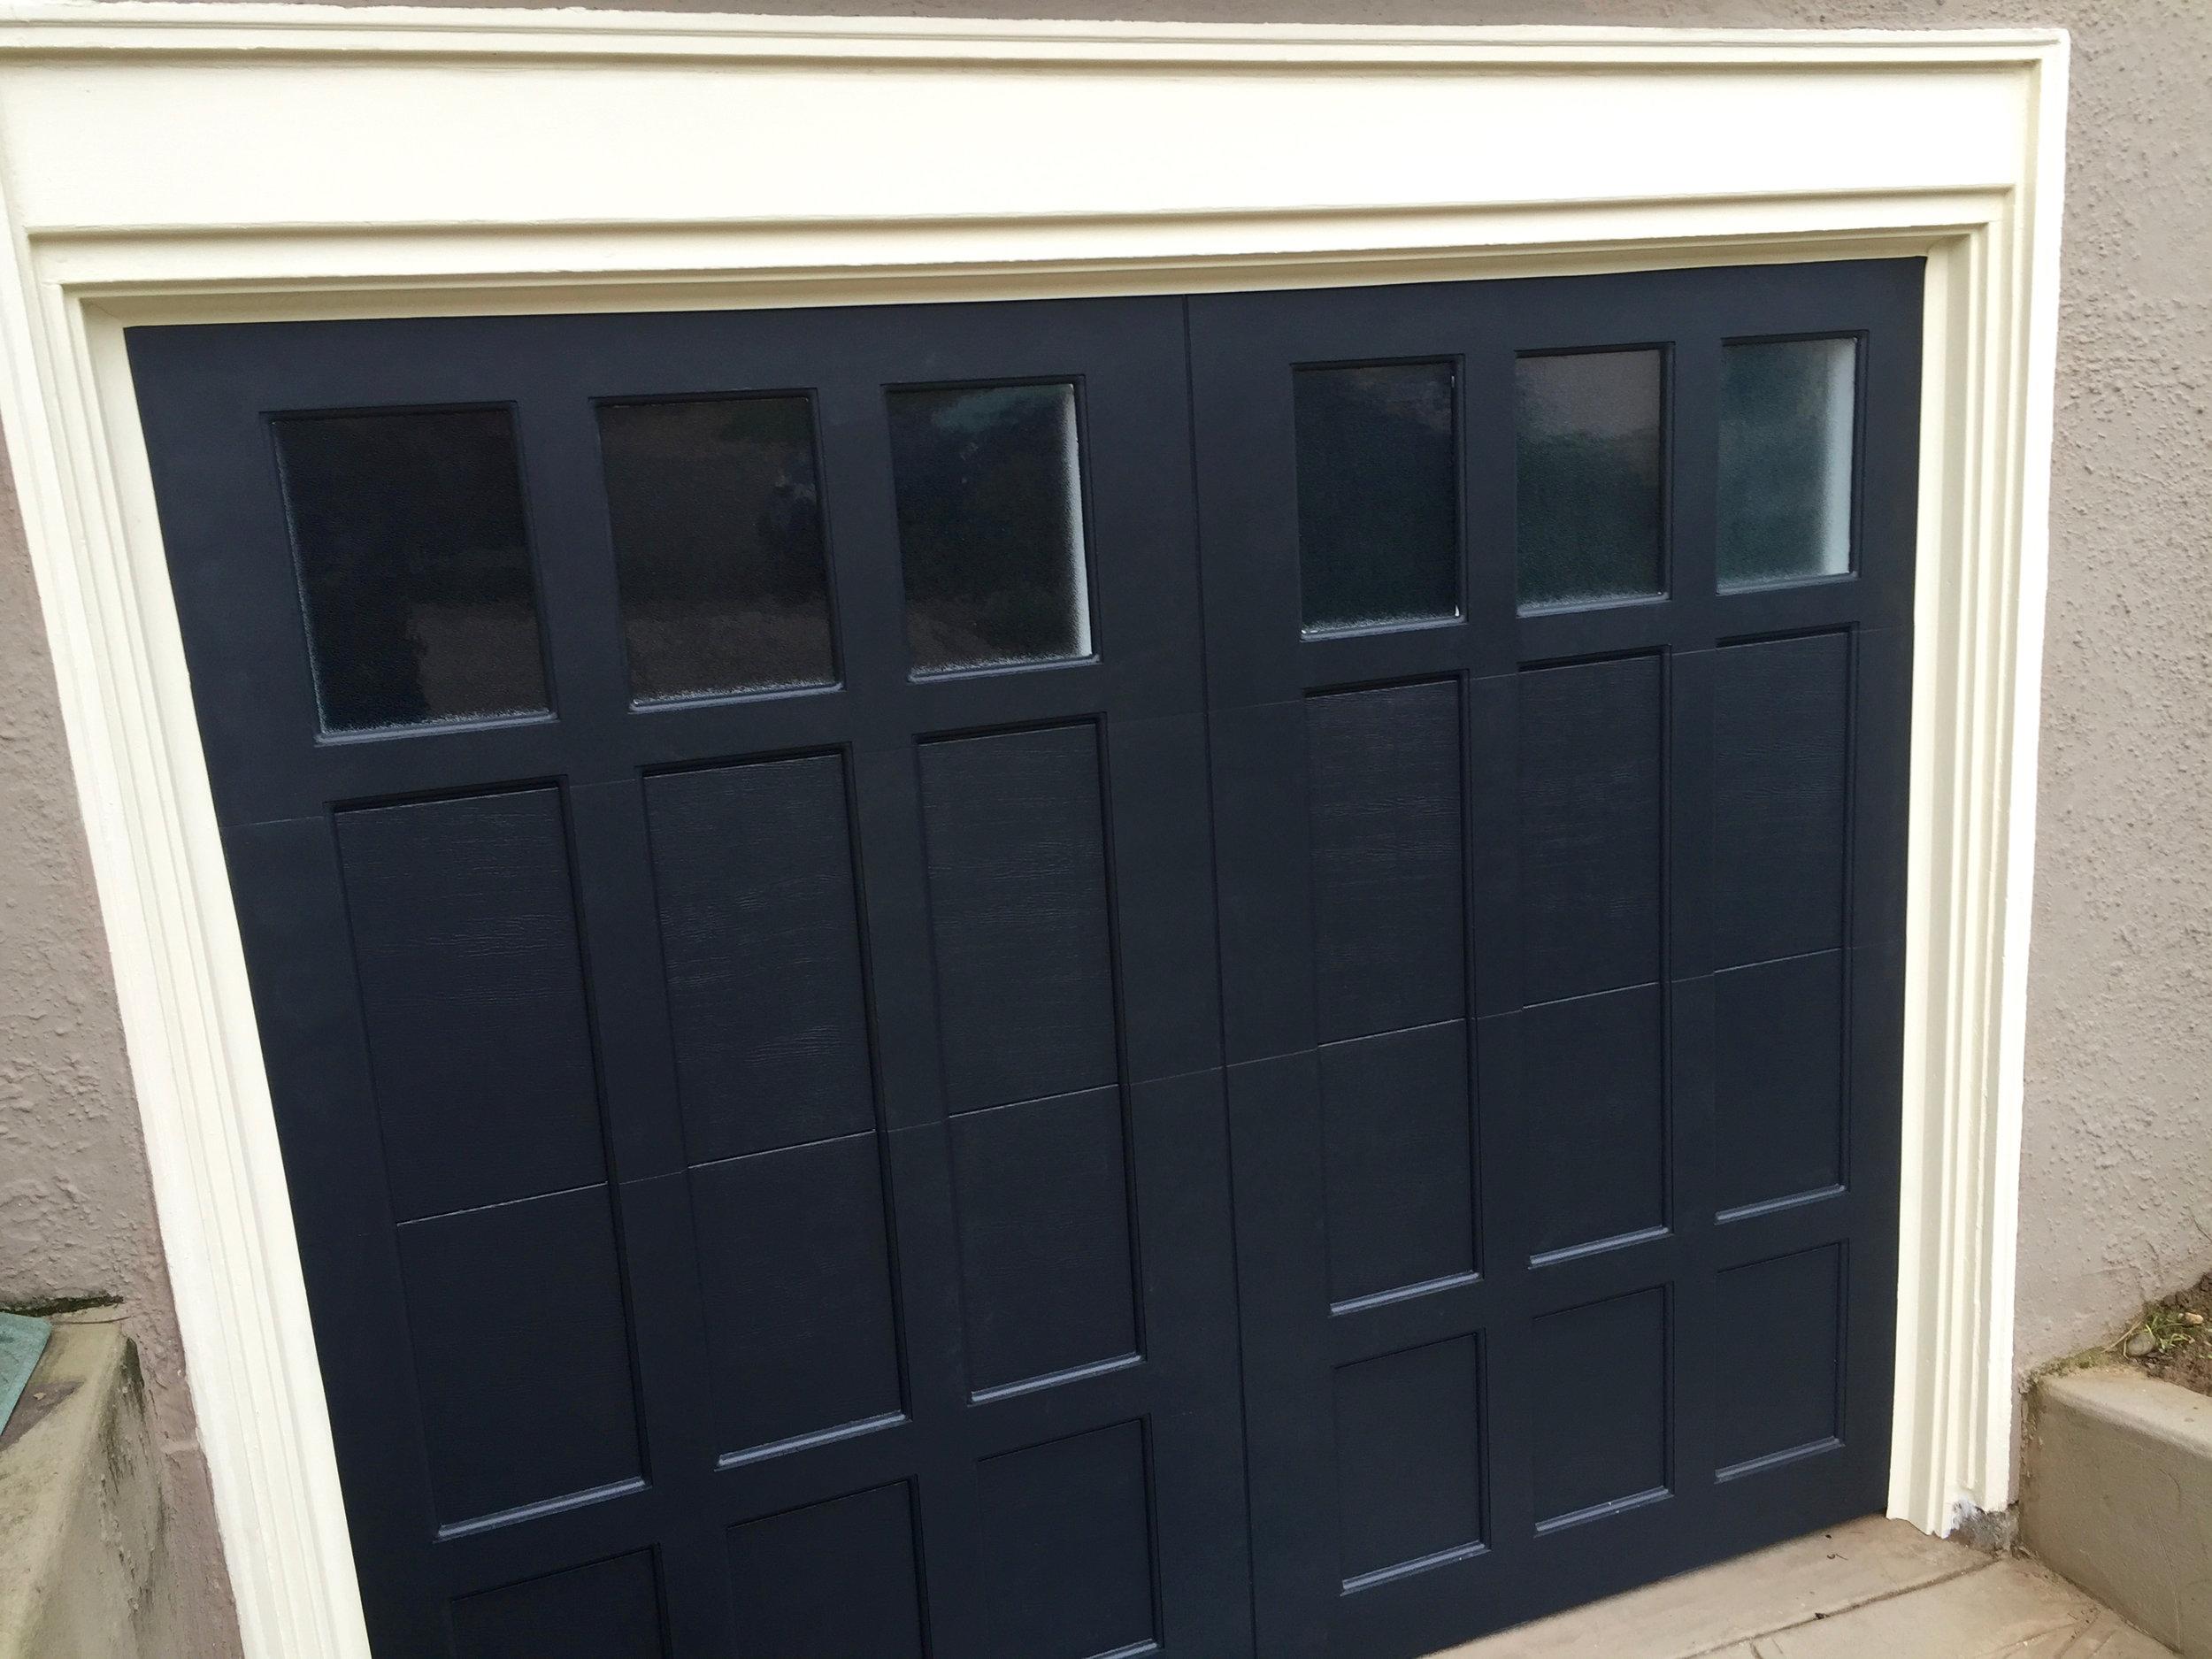 all bay garage doors - carriage house garage door - kevin chervatin - 28.JPG